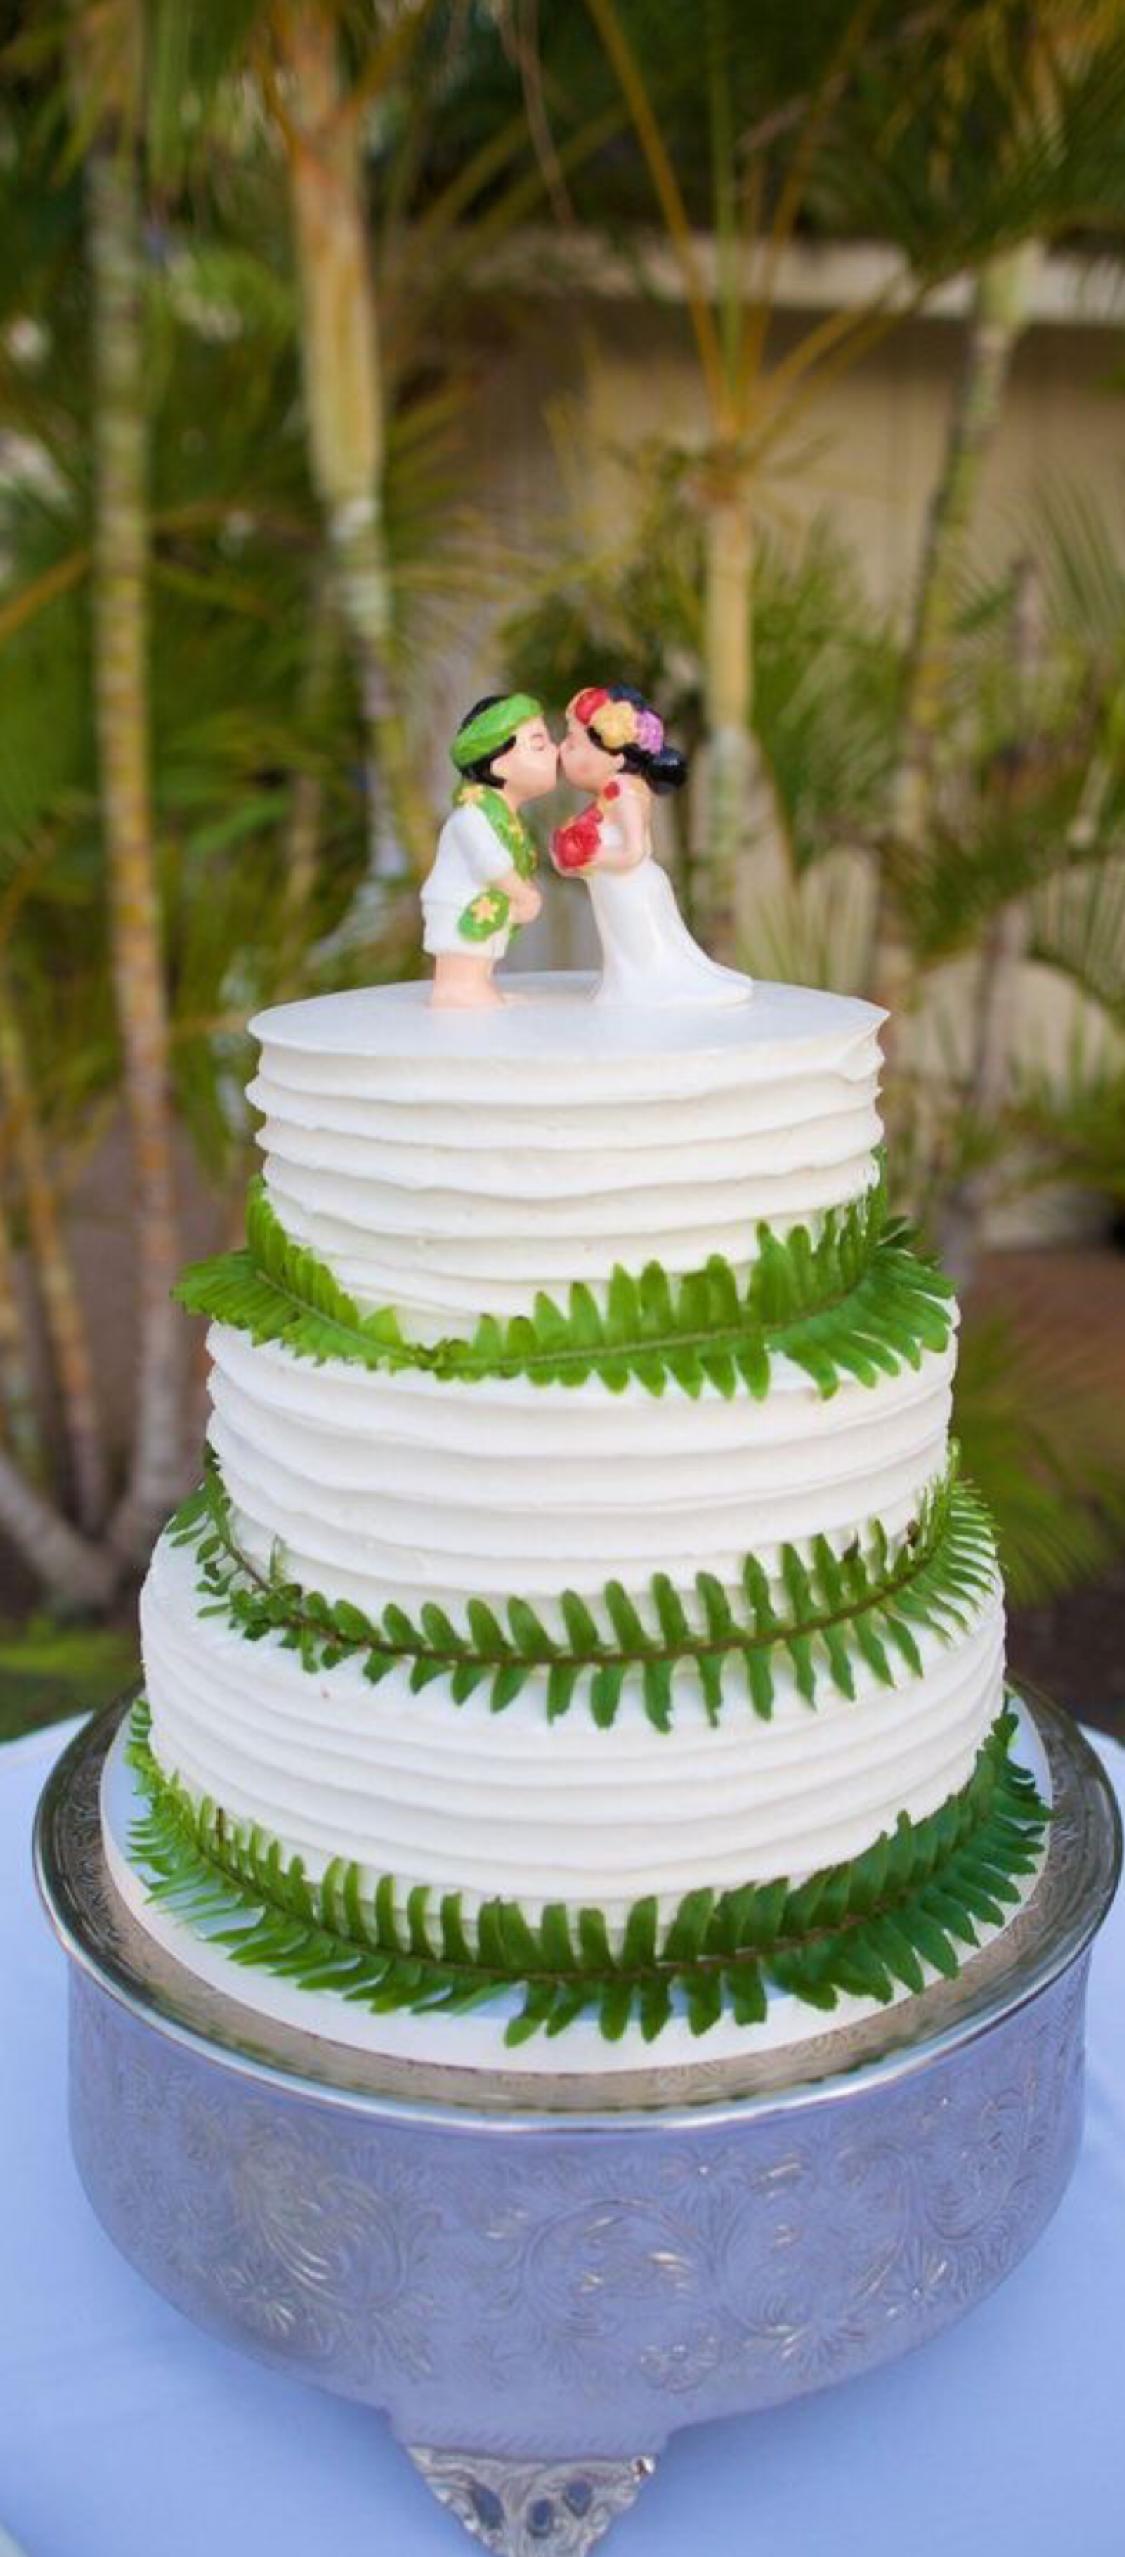 The Smarter Way to Wed Cool wedding cakes, Hawaiian